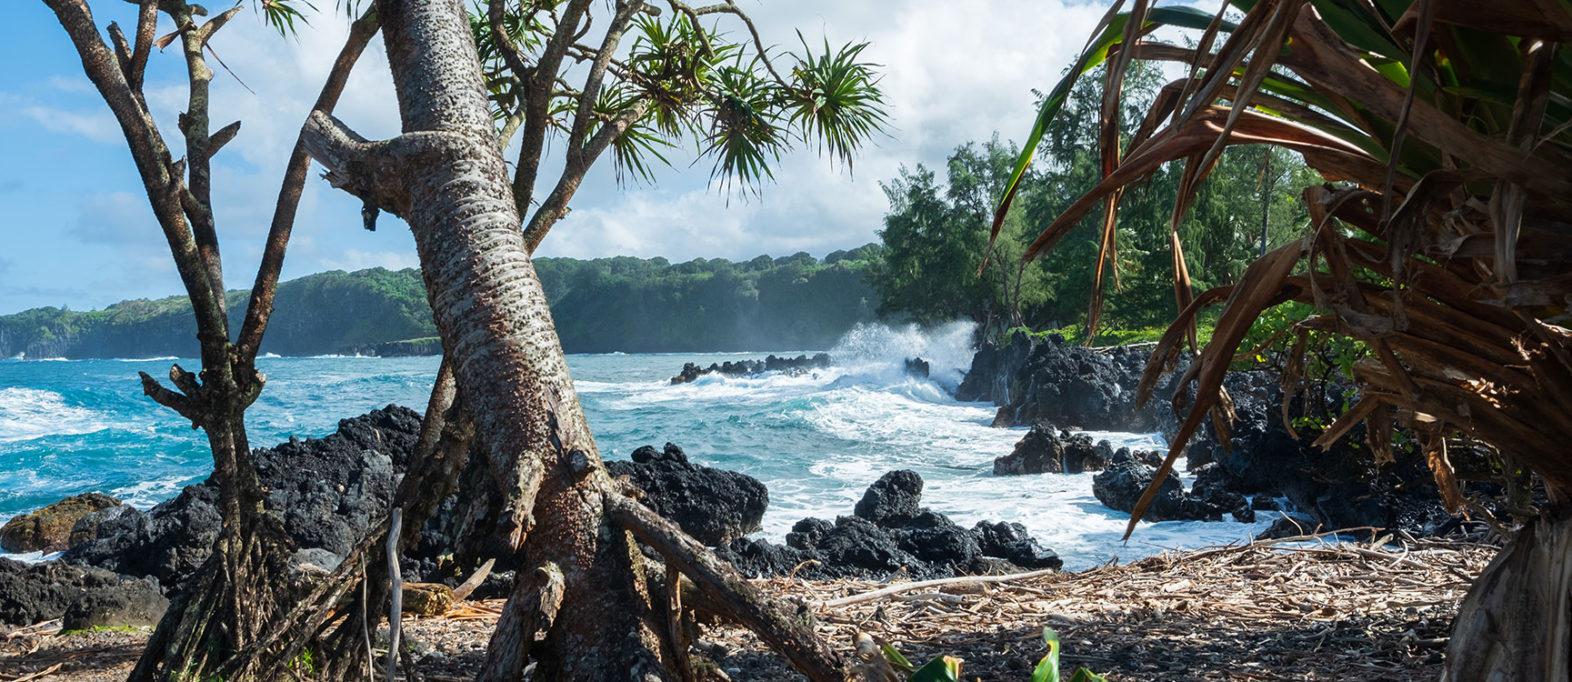 hawaii-tipps-maui-strand